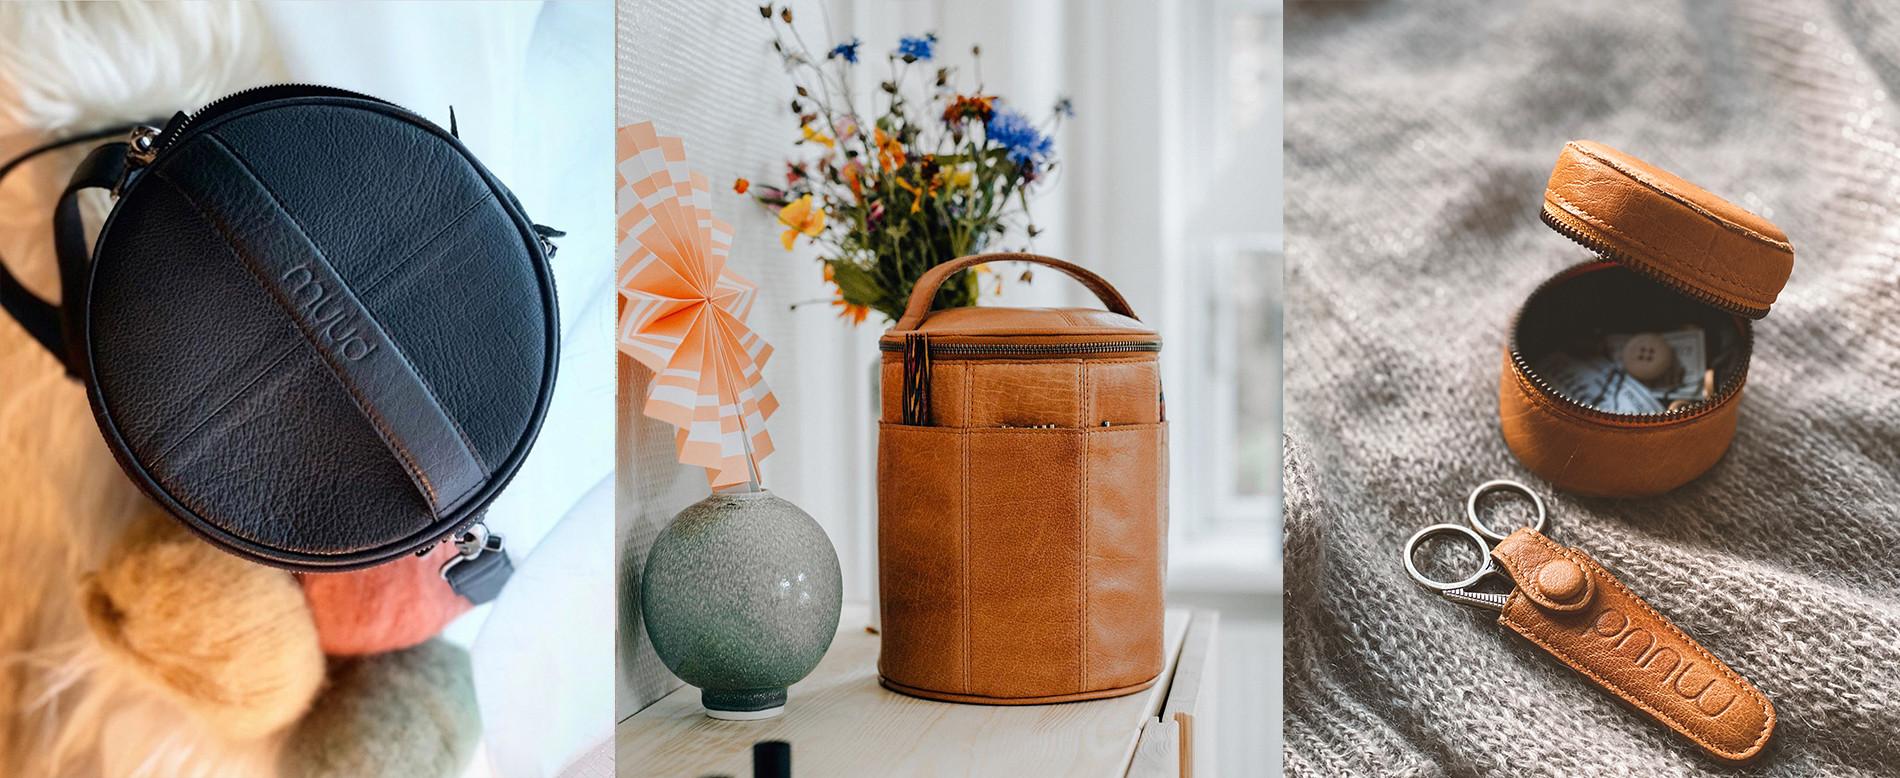 100% læder tasker og tilbehør